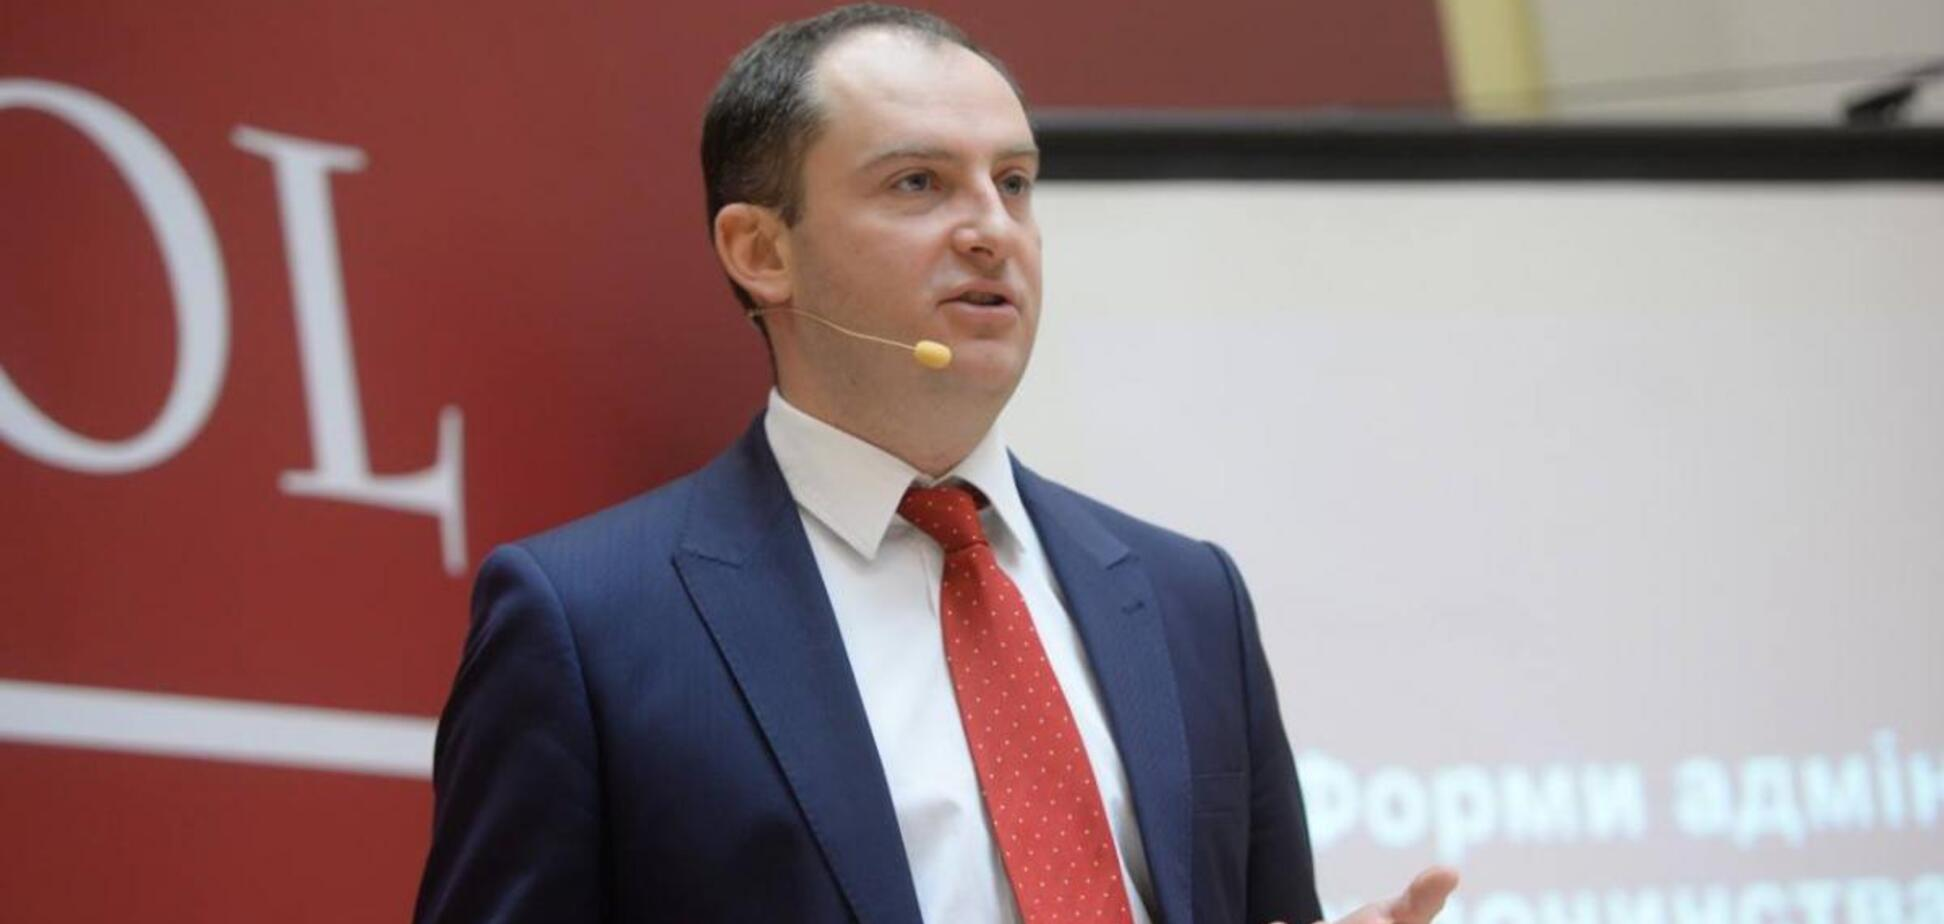 Начнут 'кошмарить' бизнес: Верланов предупредил про грядущий беспредел в ГНС